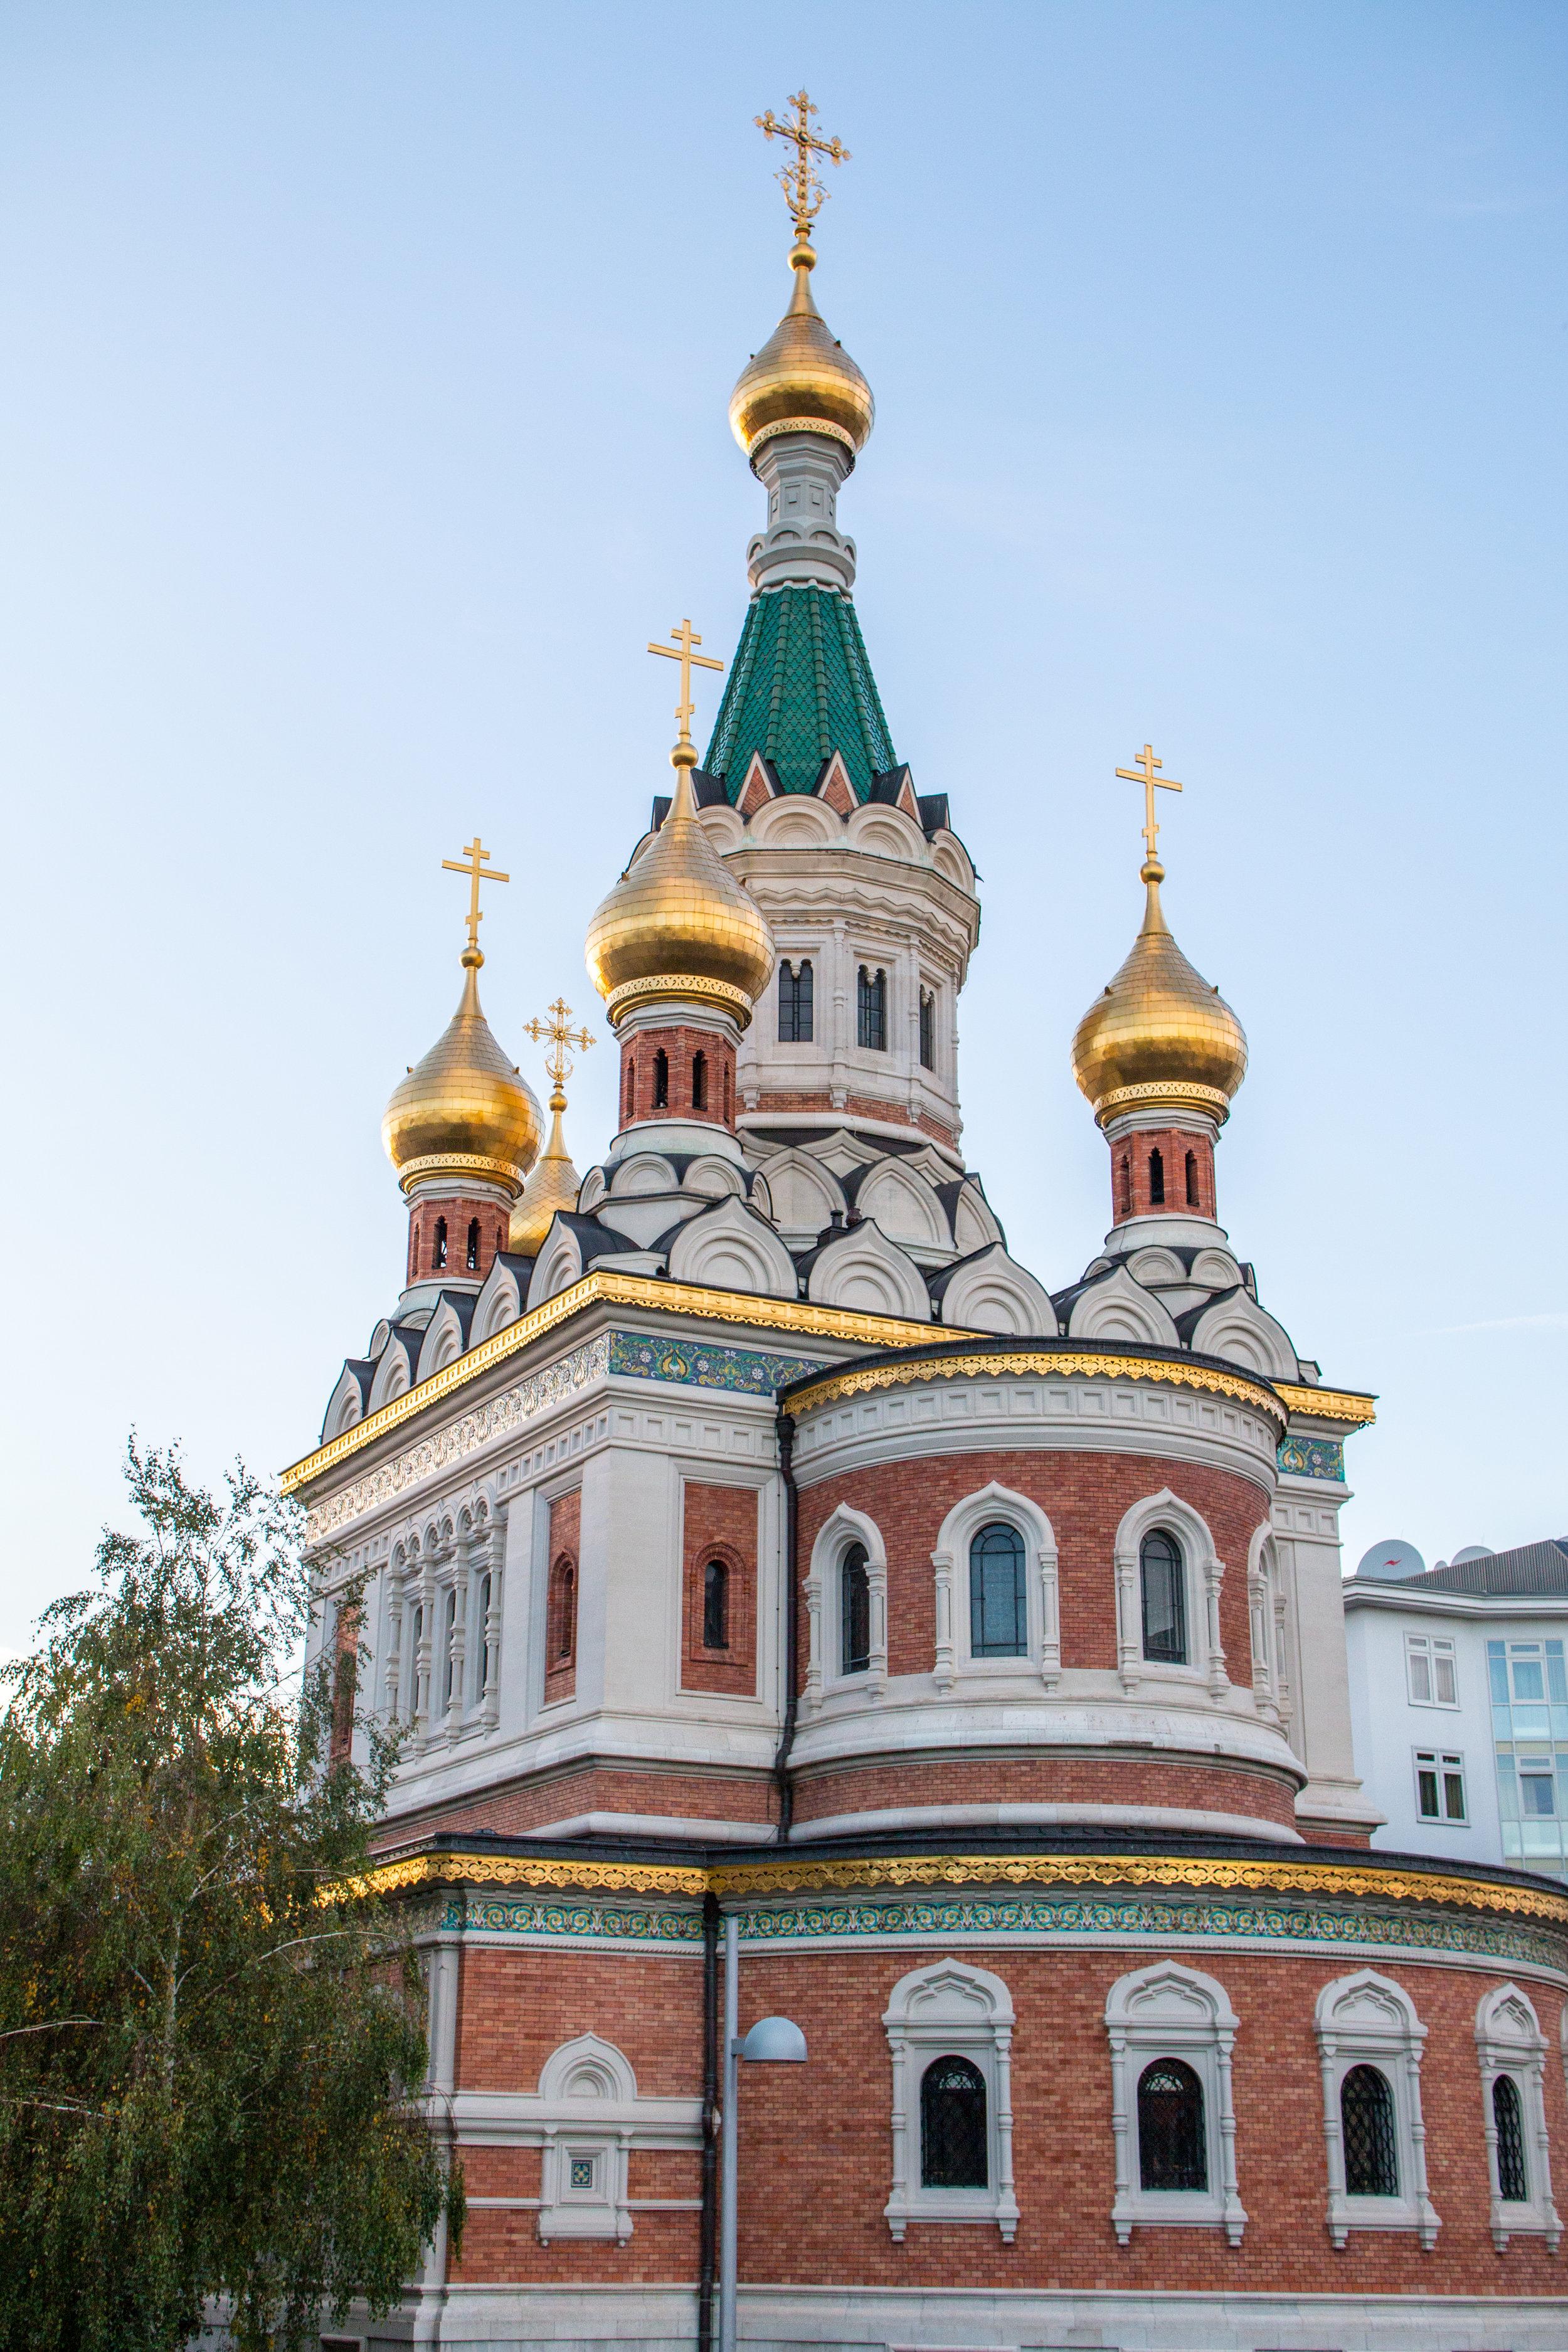 Kathedrale zum heiligen Nikolaus   EOS 70D - F/4,5 - 1/500 - ISO 250 - 28mm